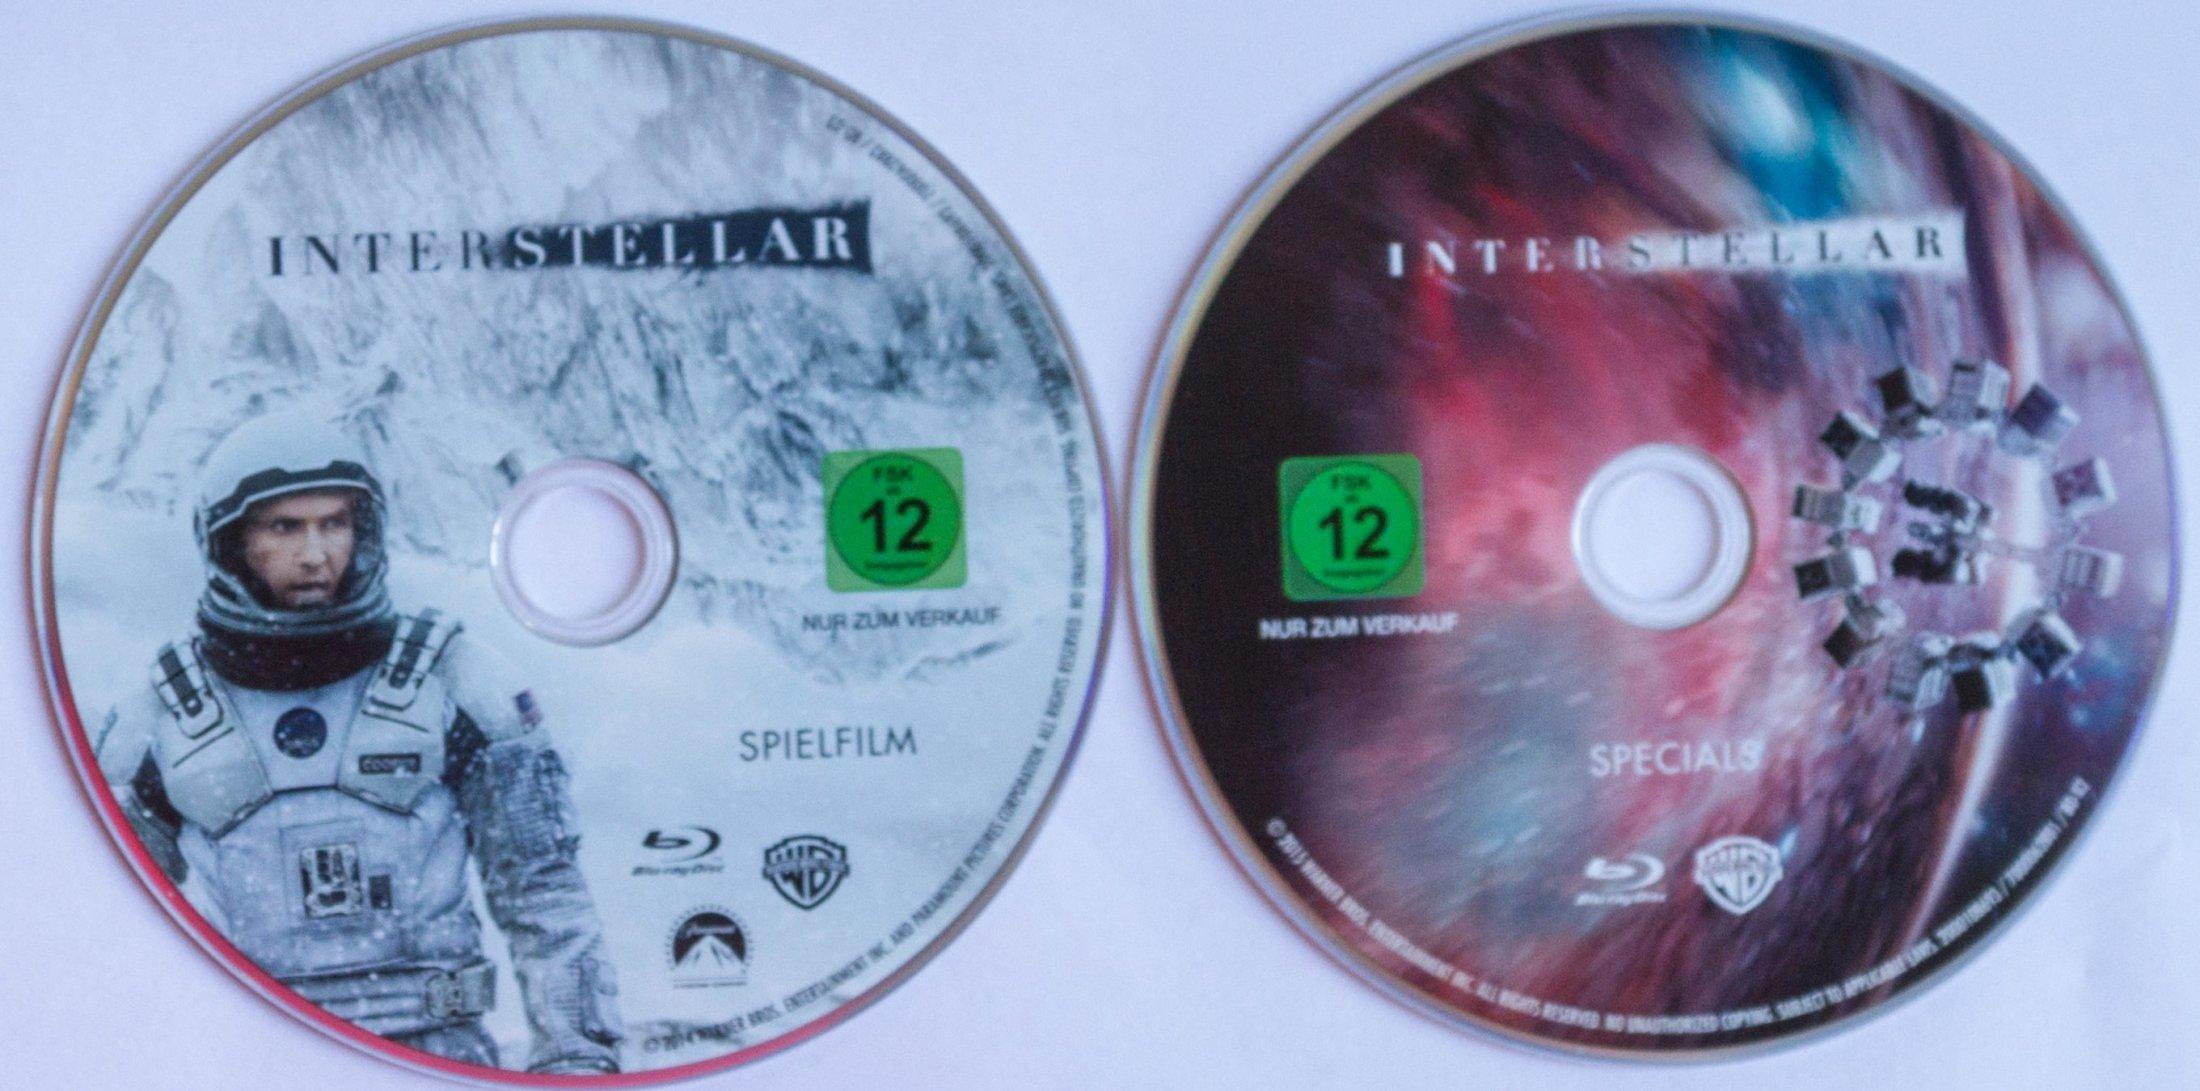 Interstellar Stellebook Disks